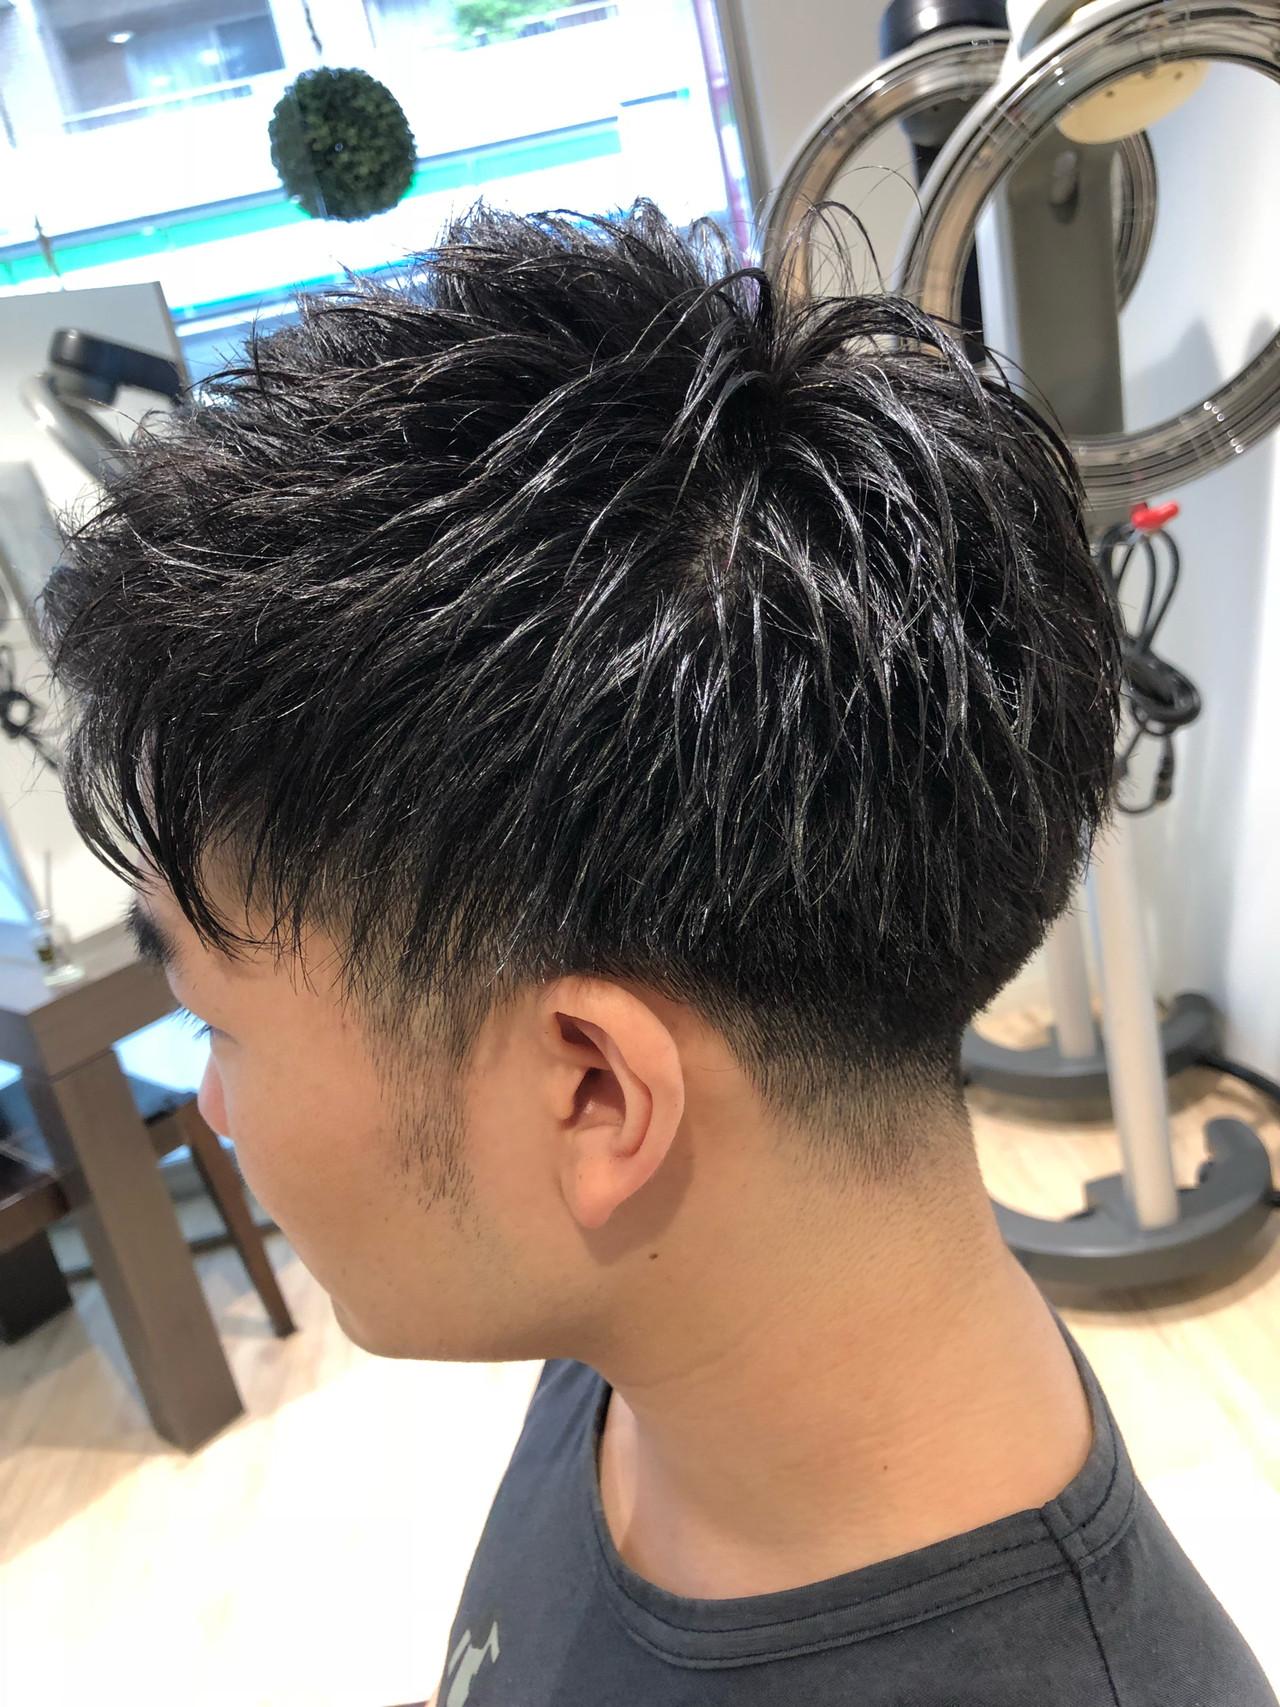 ツーブロック メンズ ナチュラル ショート ヘアスタイルや髪型の写真・画像 | 小泉 俊輔 / toohair